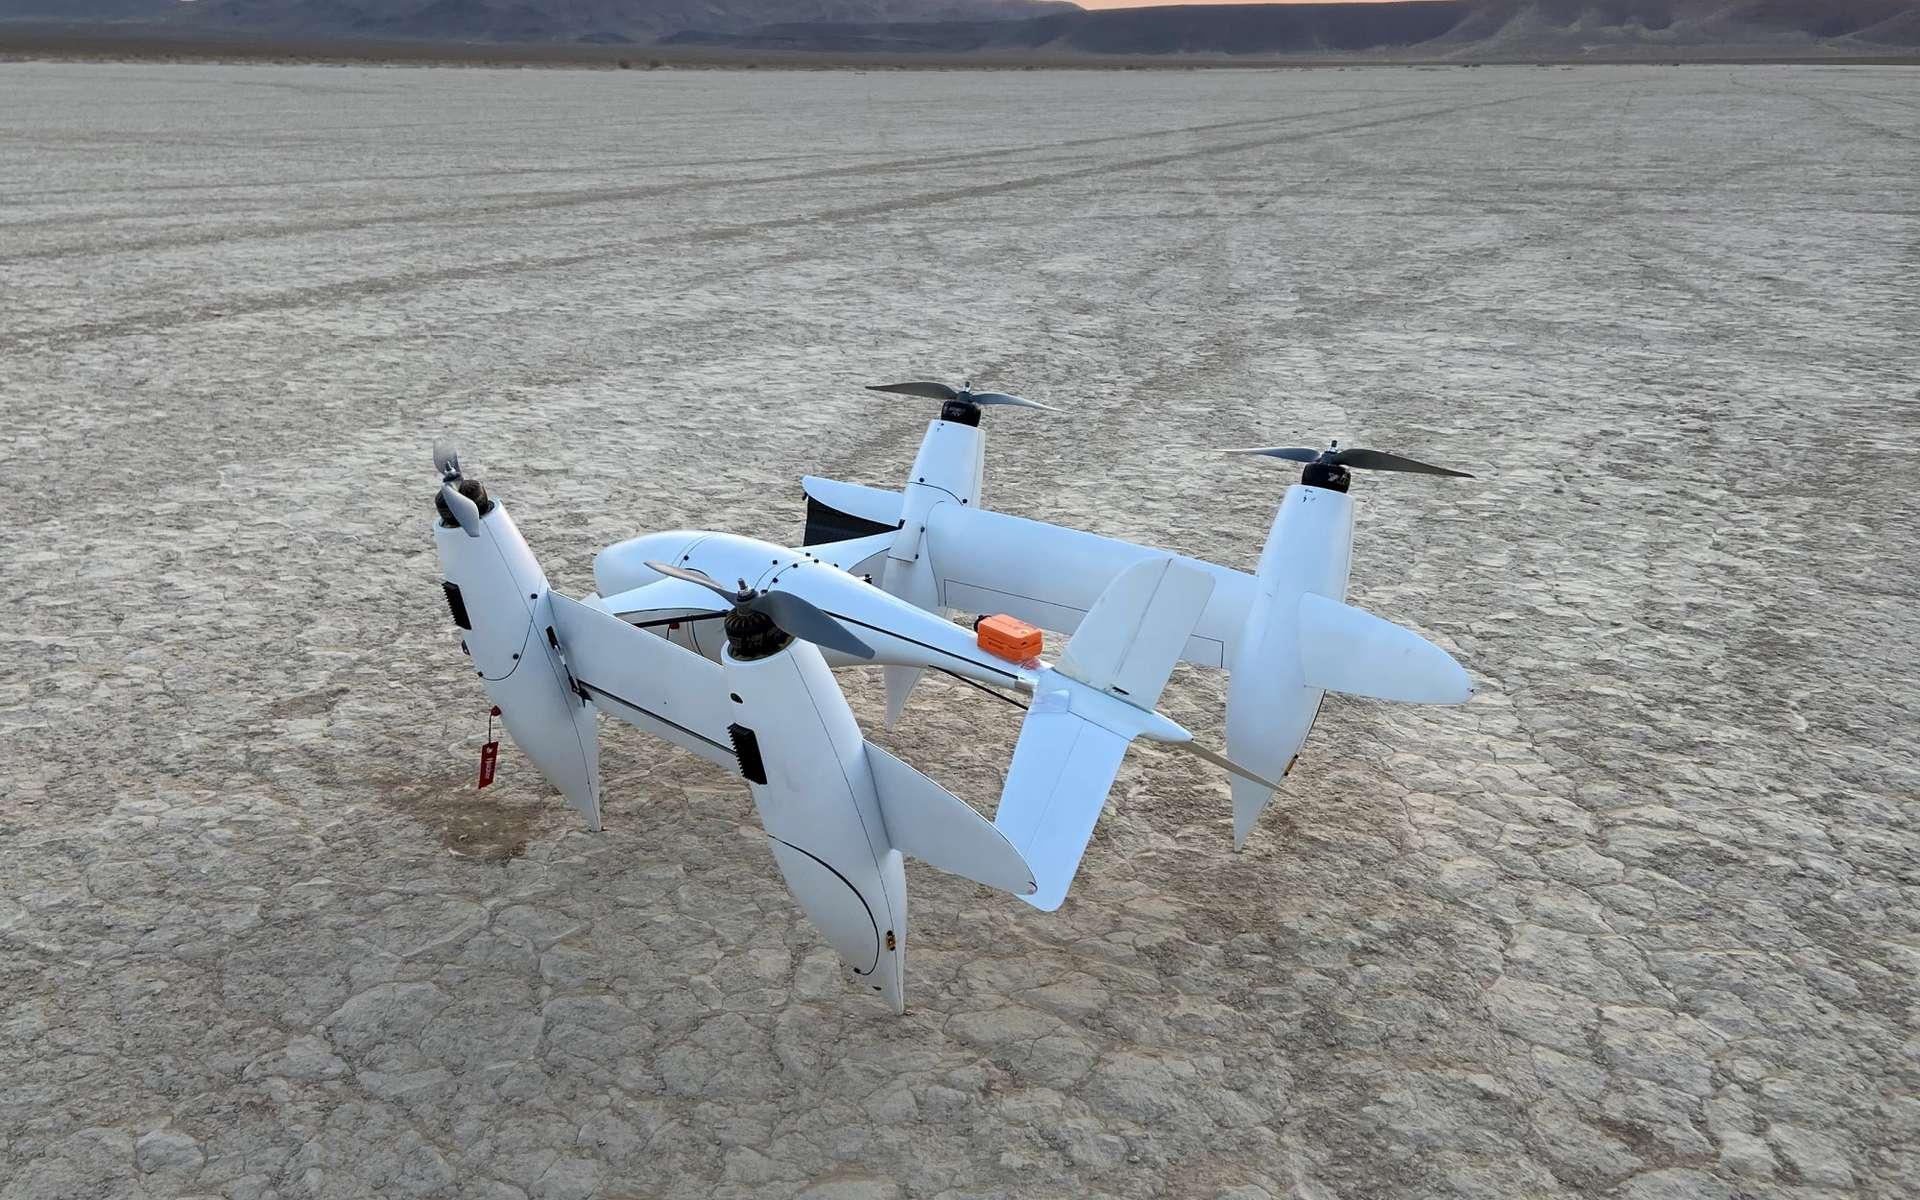 Le Transwing se transforme en l'air pour basculer entre un mode de vol classique et un atterrissage vertical. © PteroDynamics